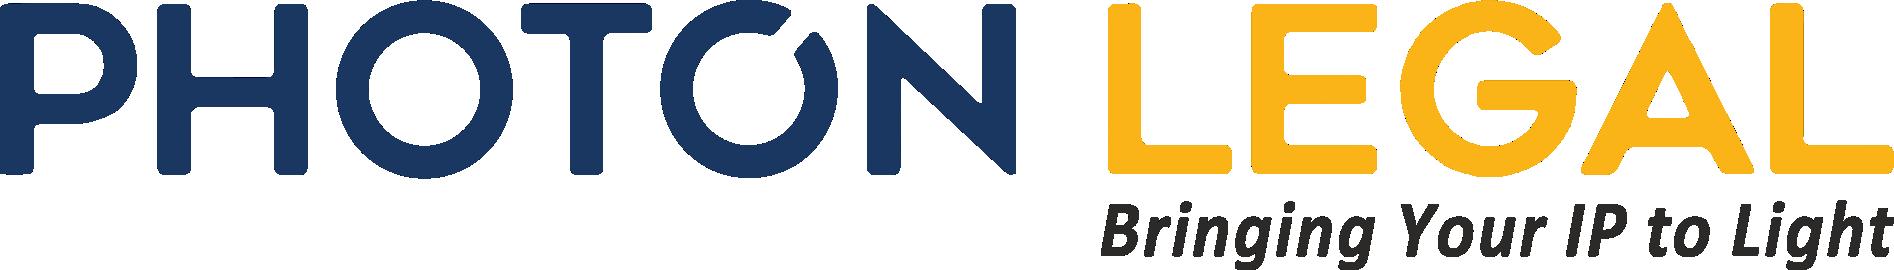 Photon Legal